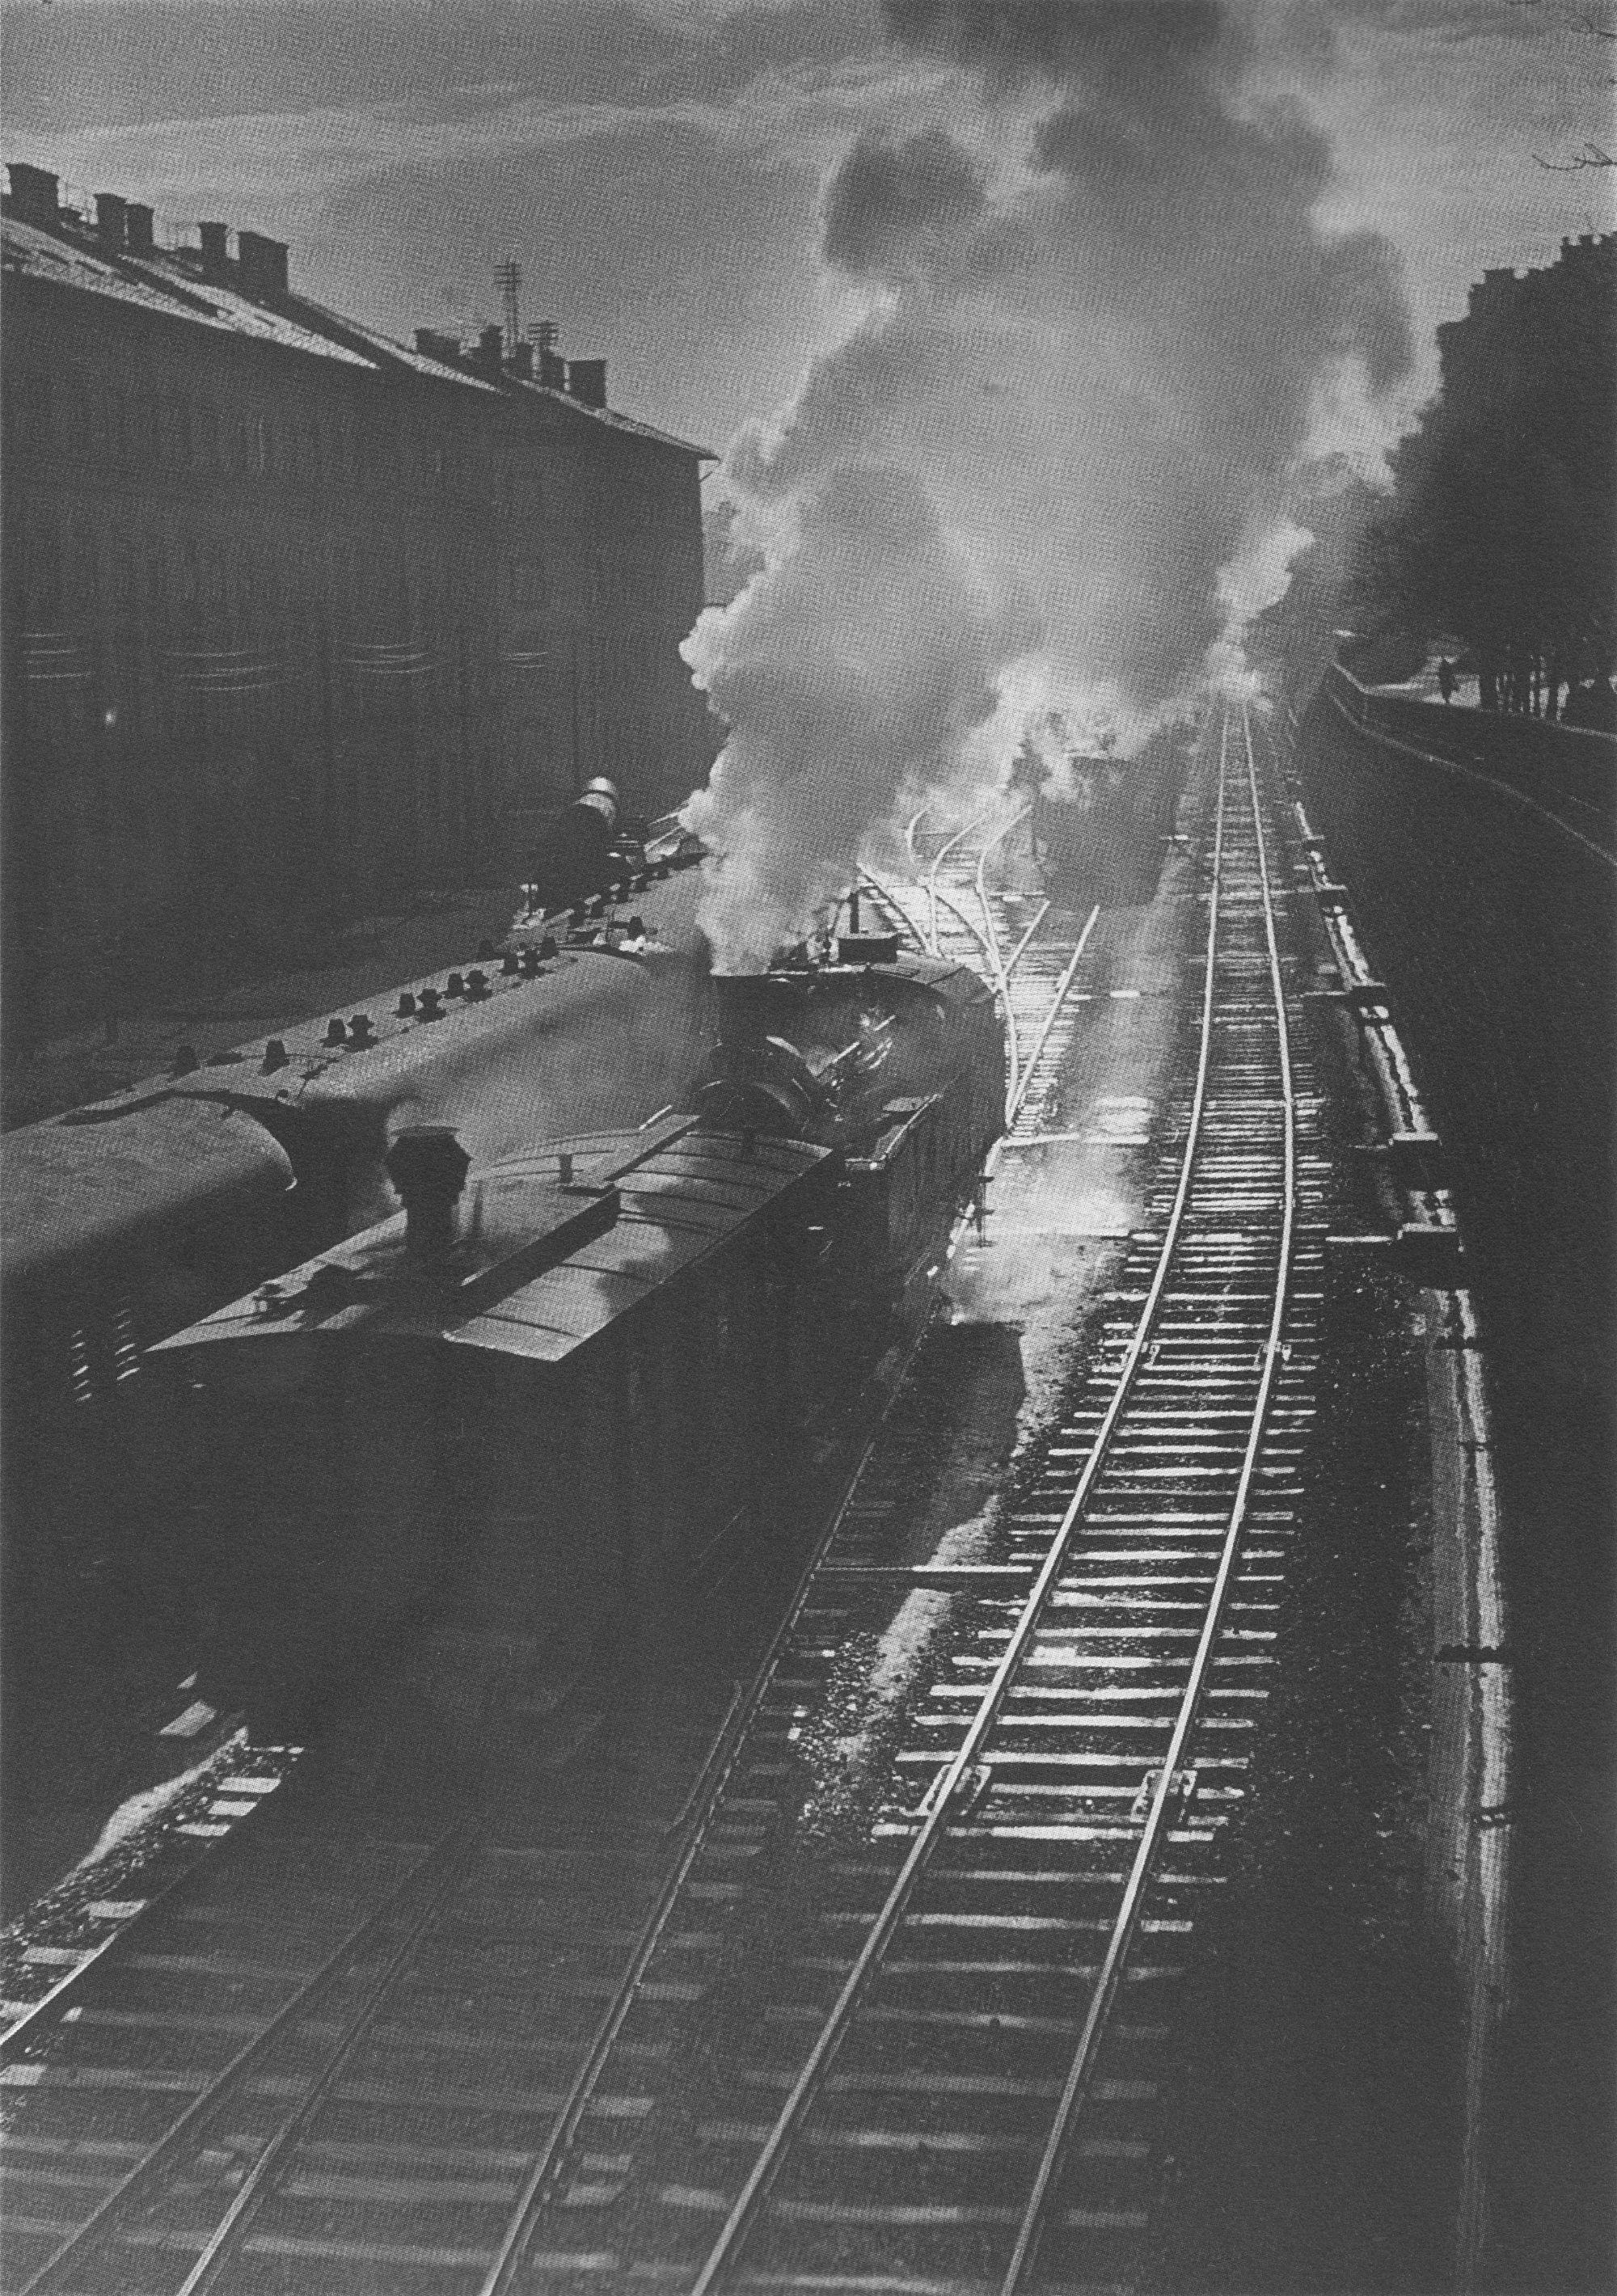 Fotó: Dulovits Jenő: Tolatás, 1940-es évek eleje © Fejér Zoltán gyűjteménye